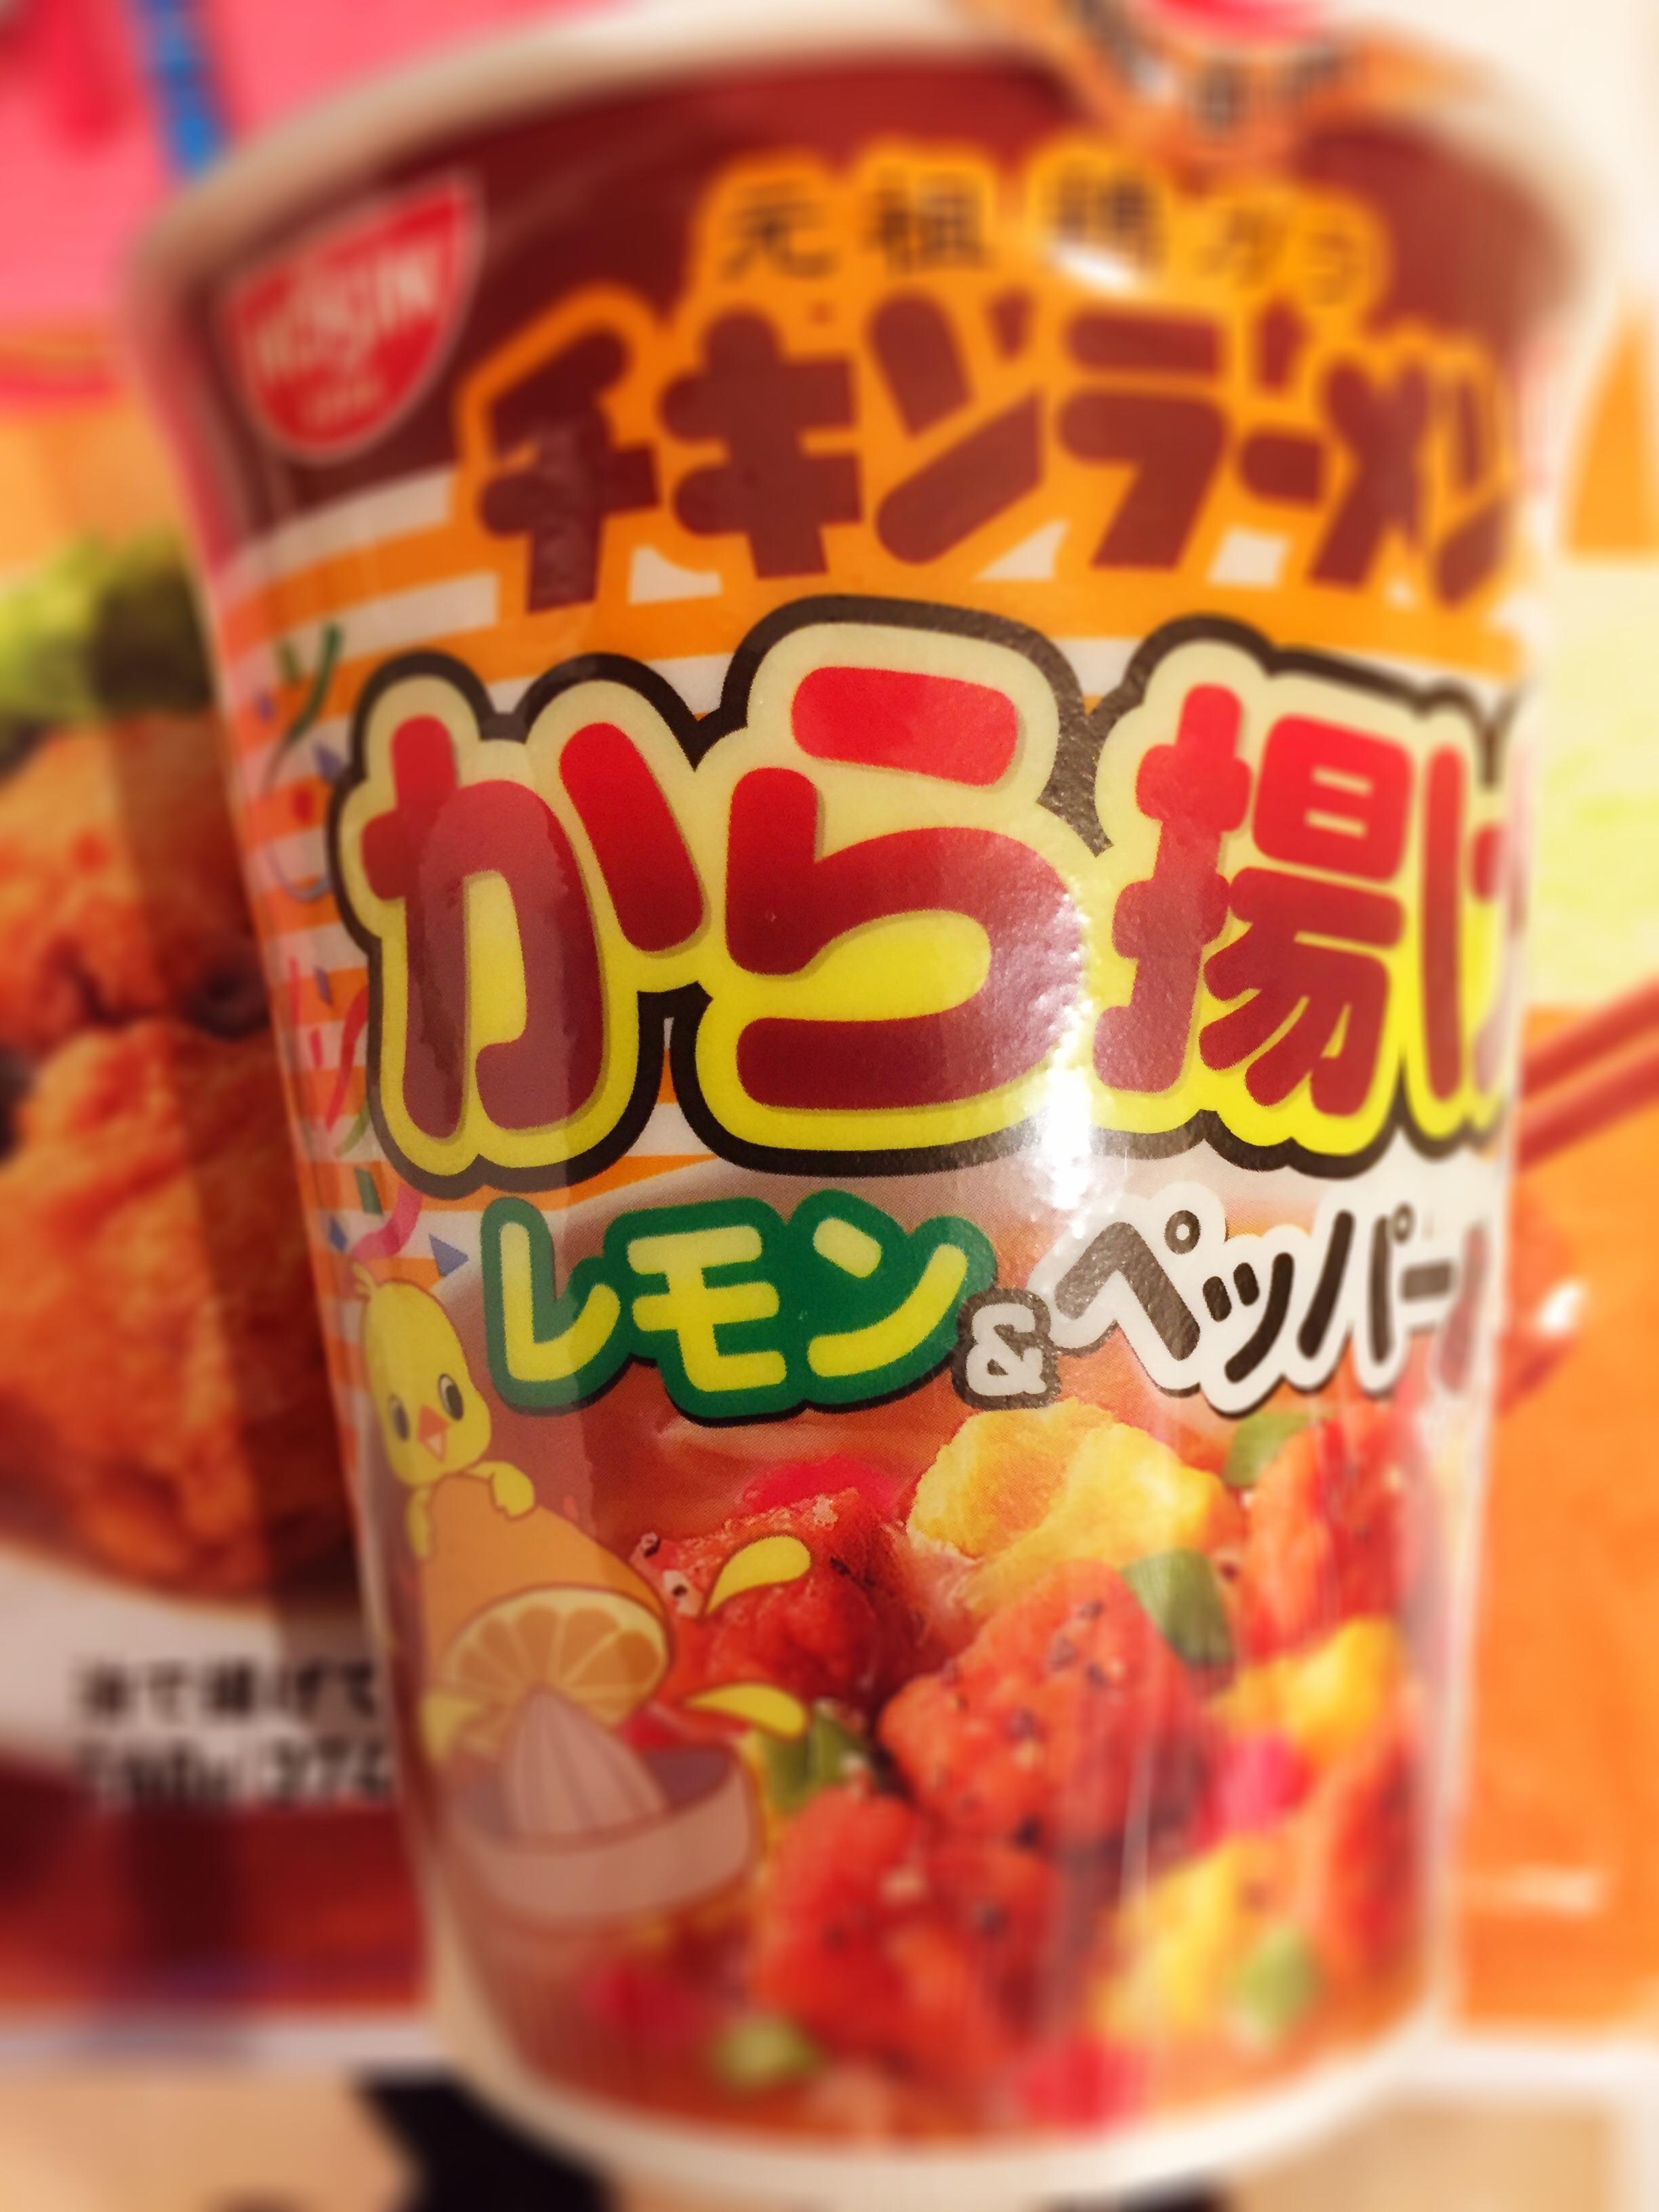 チキンラーメンビッグカップ から揚げレモン&ペッパー01